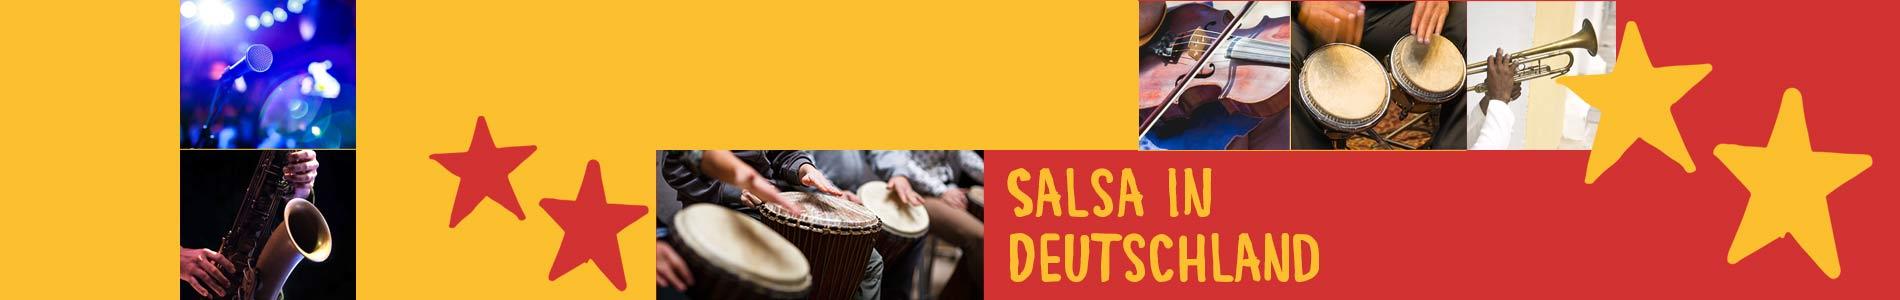 Salsa in Bruchhausen-Vilsen – Salsa lernen und tanzen, Tanzkurse, Partys, Veranstaltungen